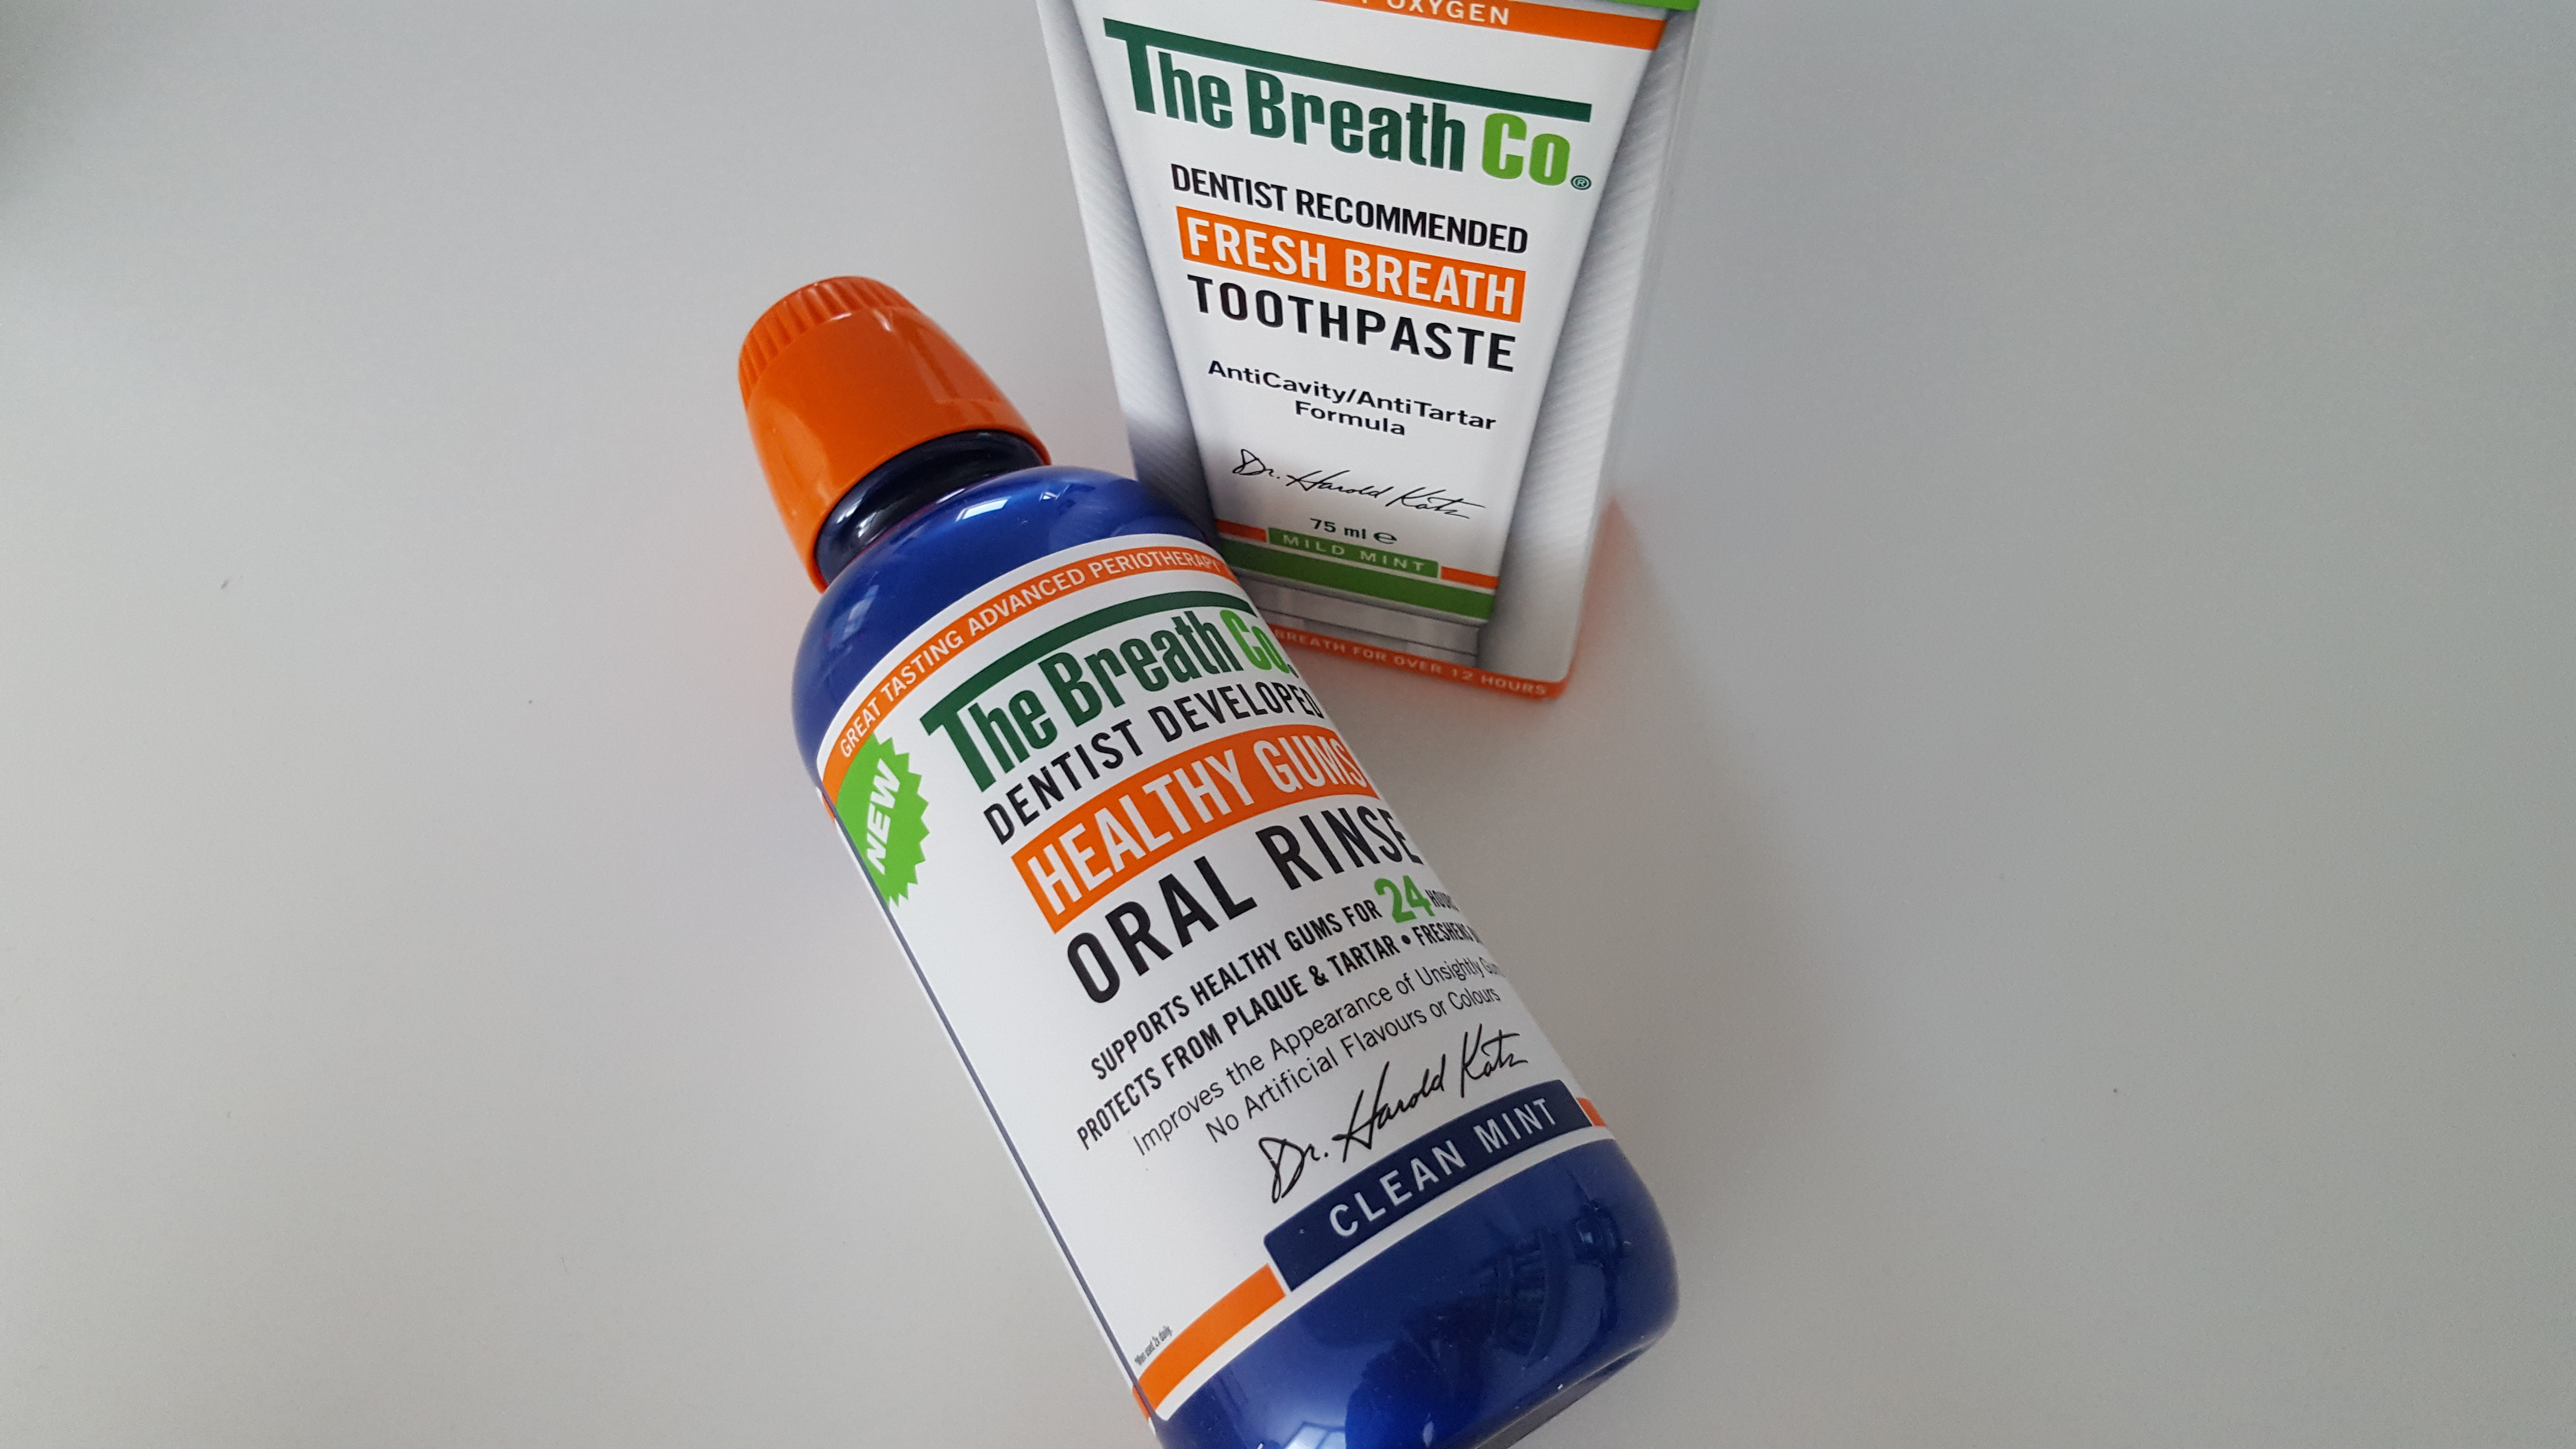 The Breath Co tandpasta